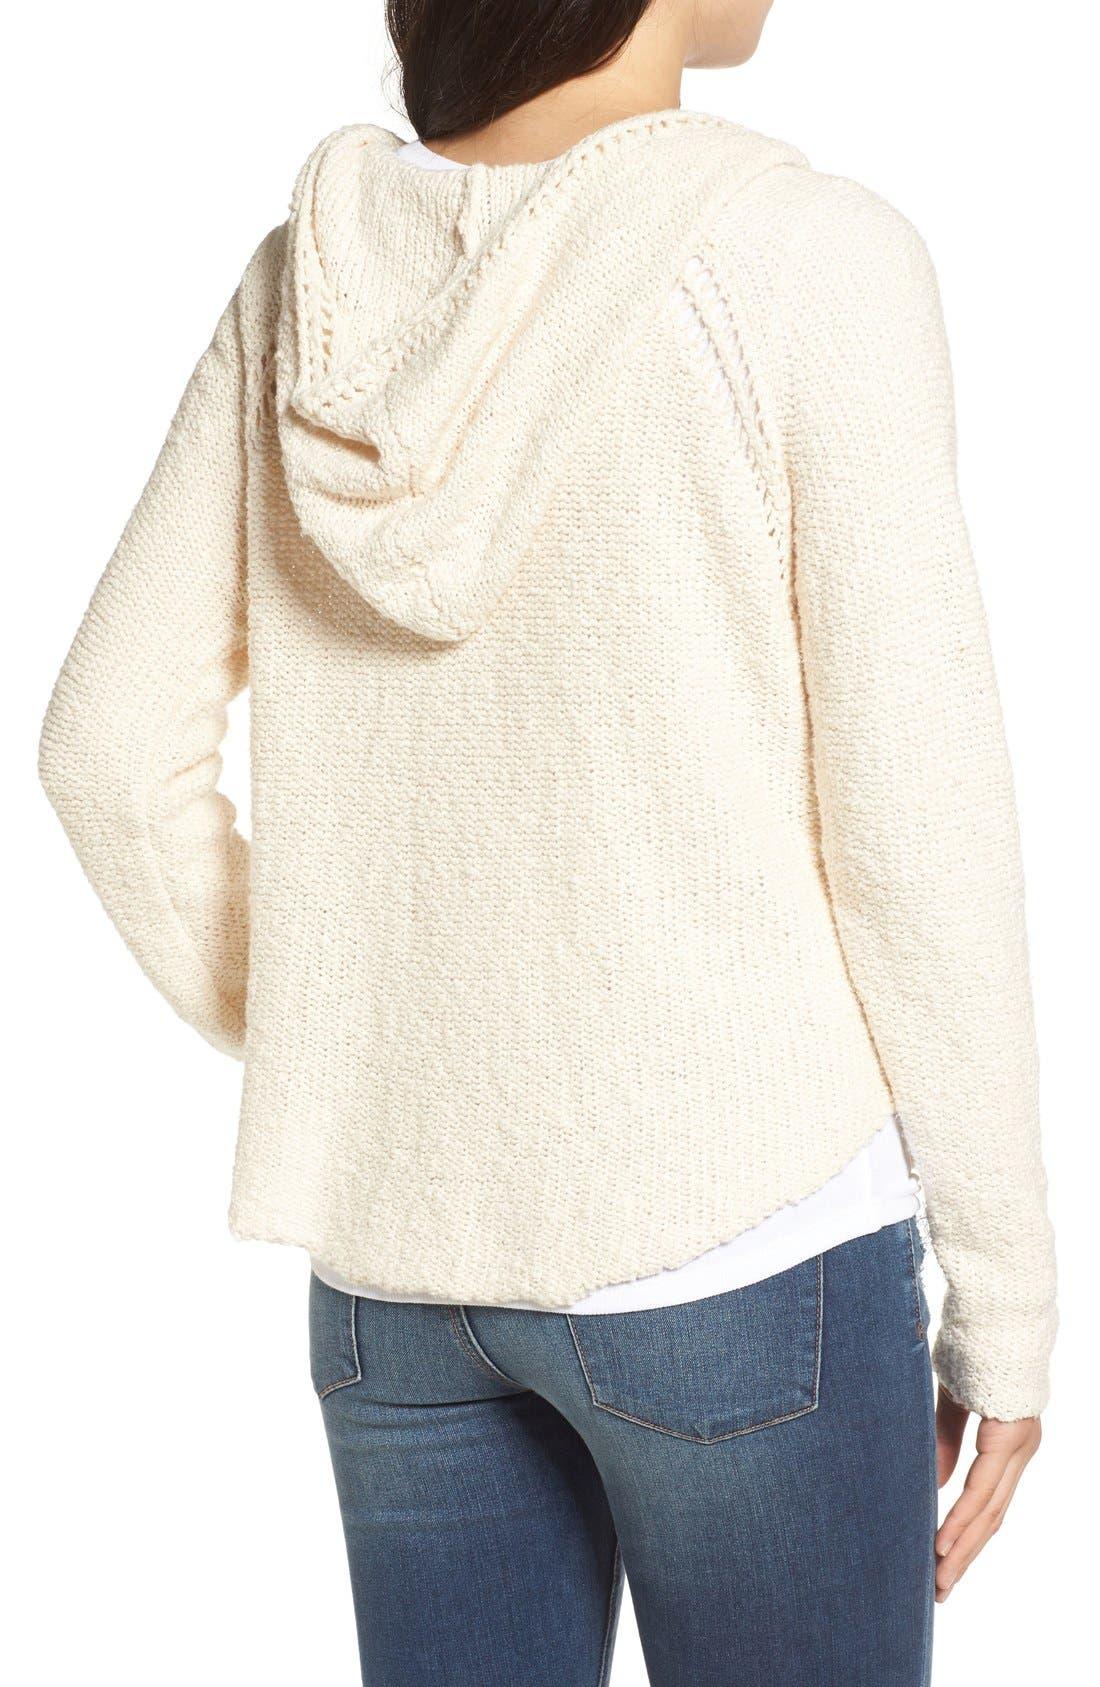 Alternate Image 2  - Billabong 'Seaside Ryder' Hooded Pullover